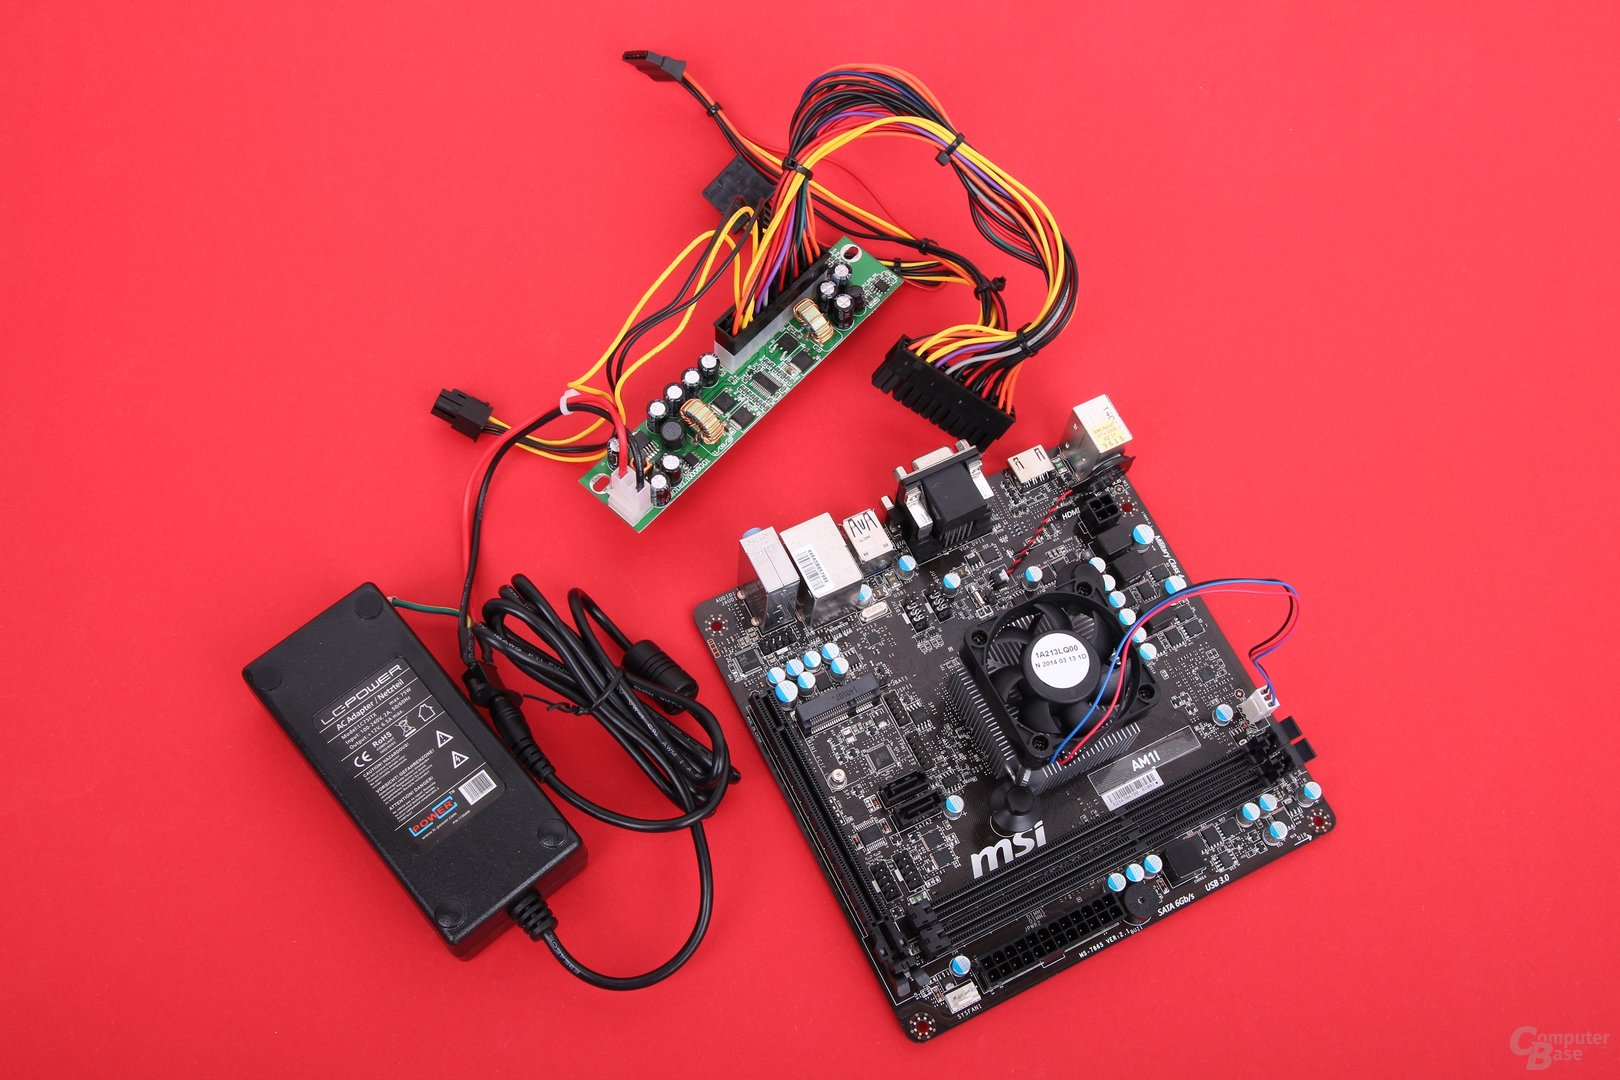 MSI AM1I mit Athlon 5350 und 75-Watt-Netzteil